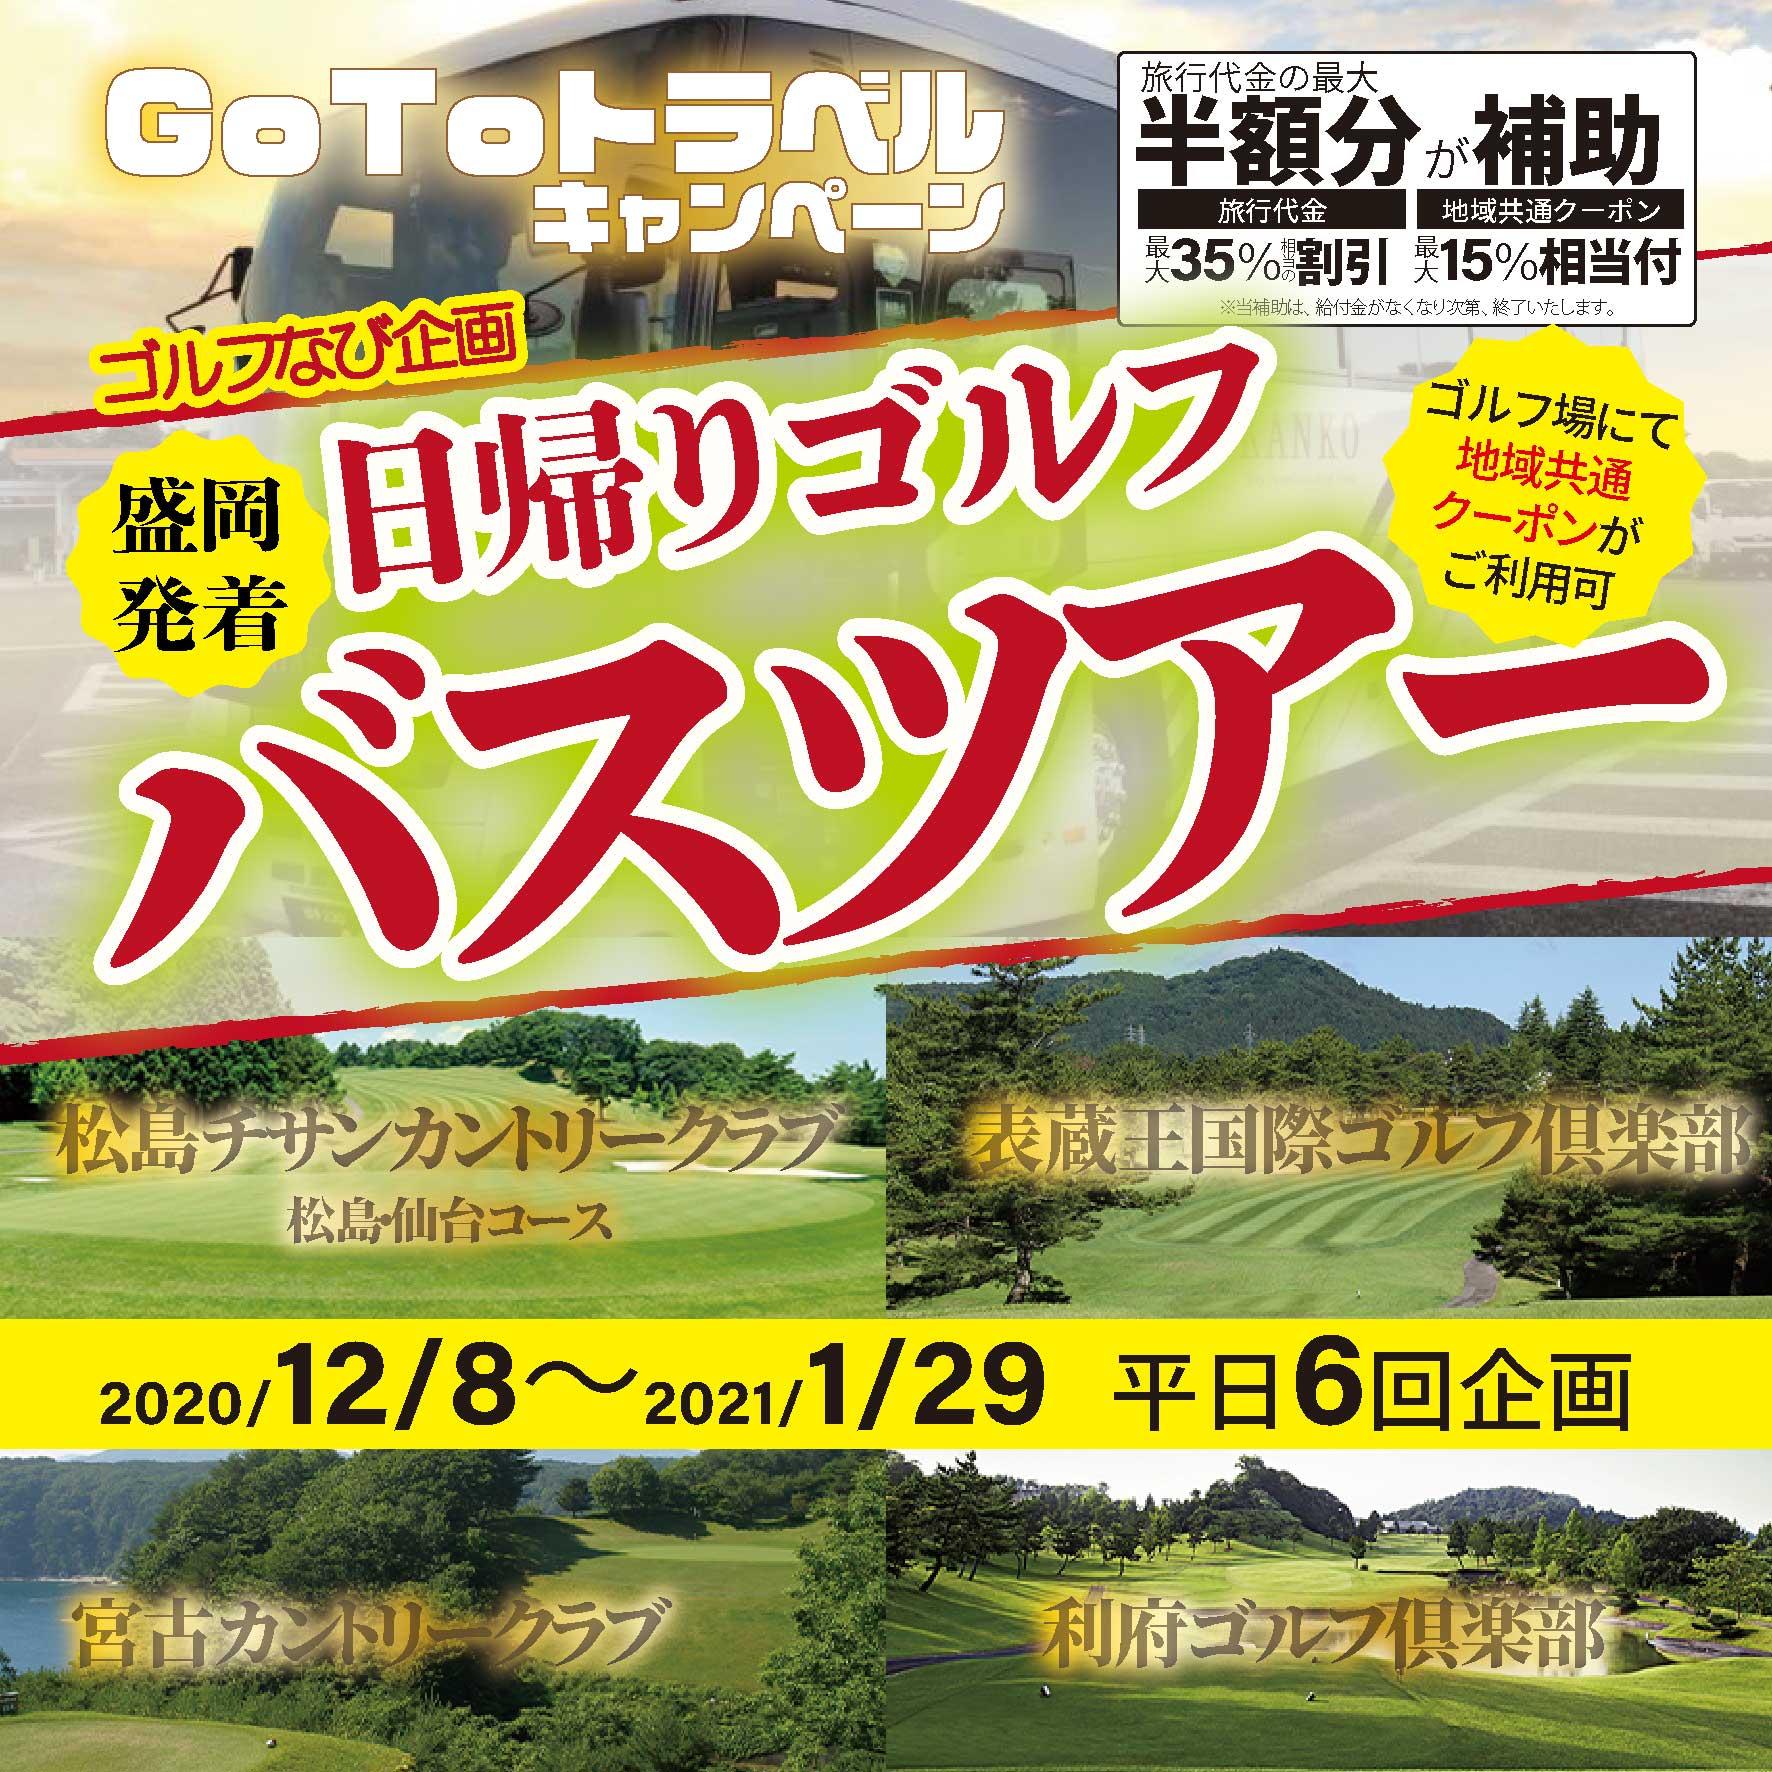 クラブ ゴルフ 表 国際 蔵王